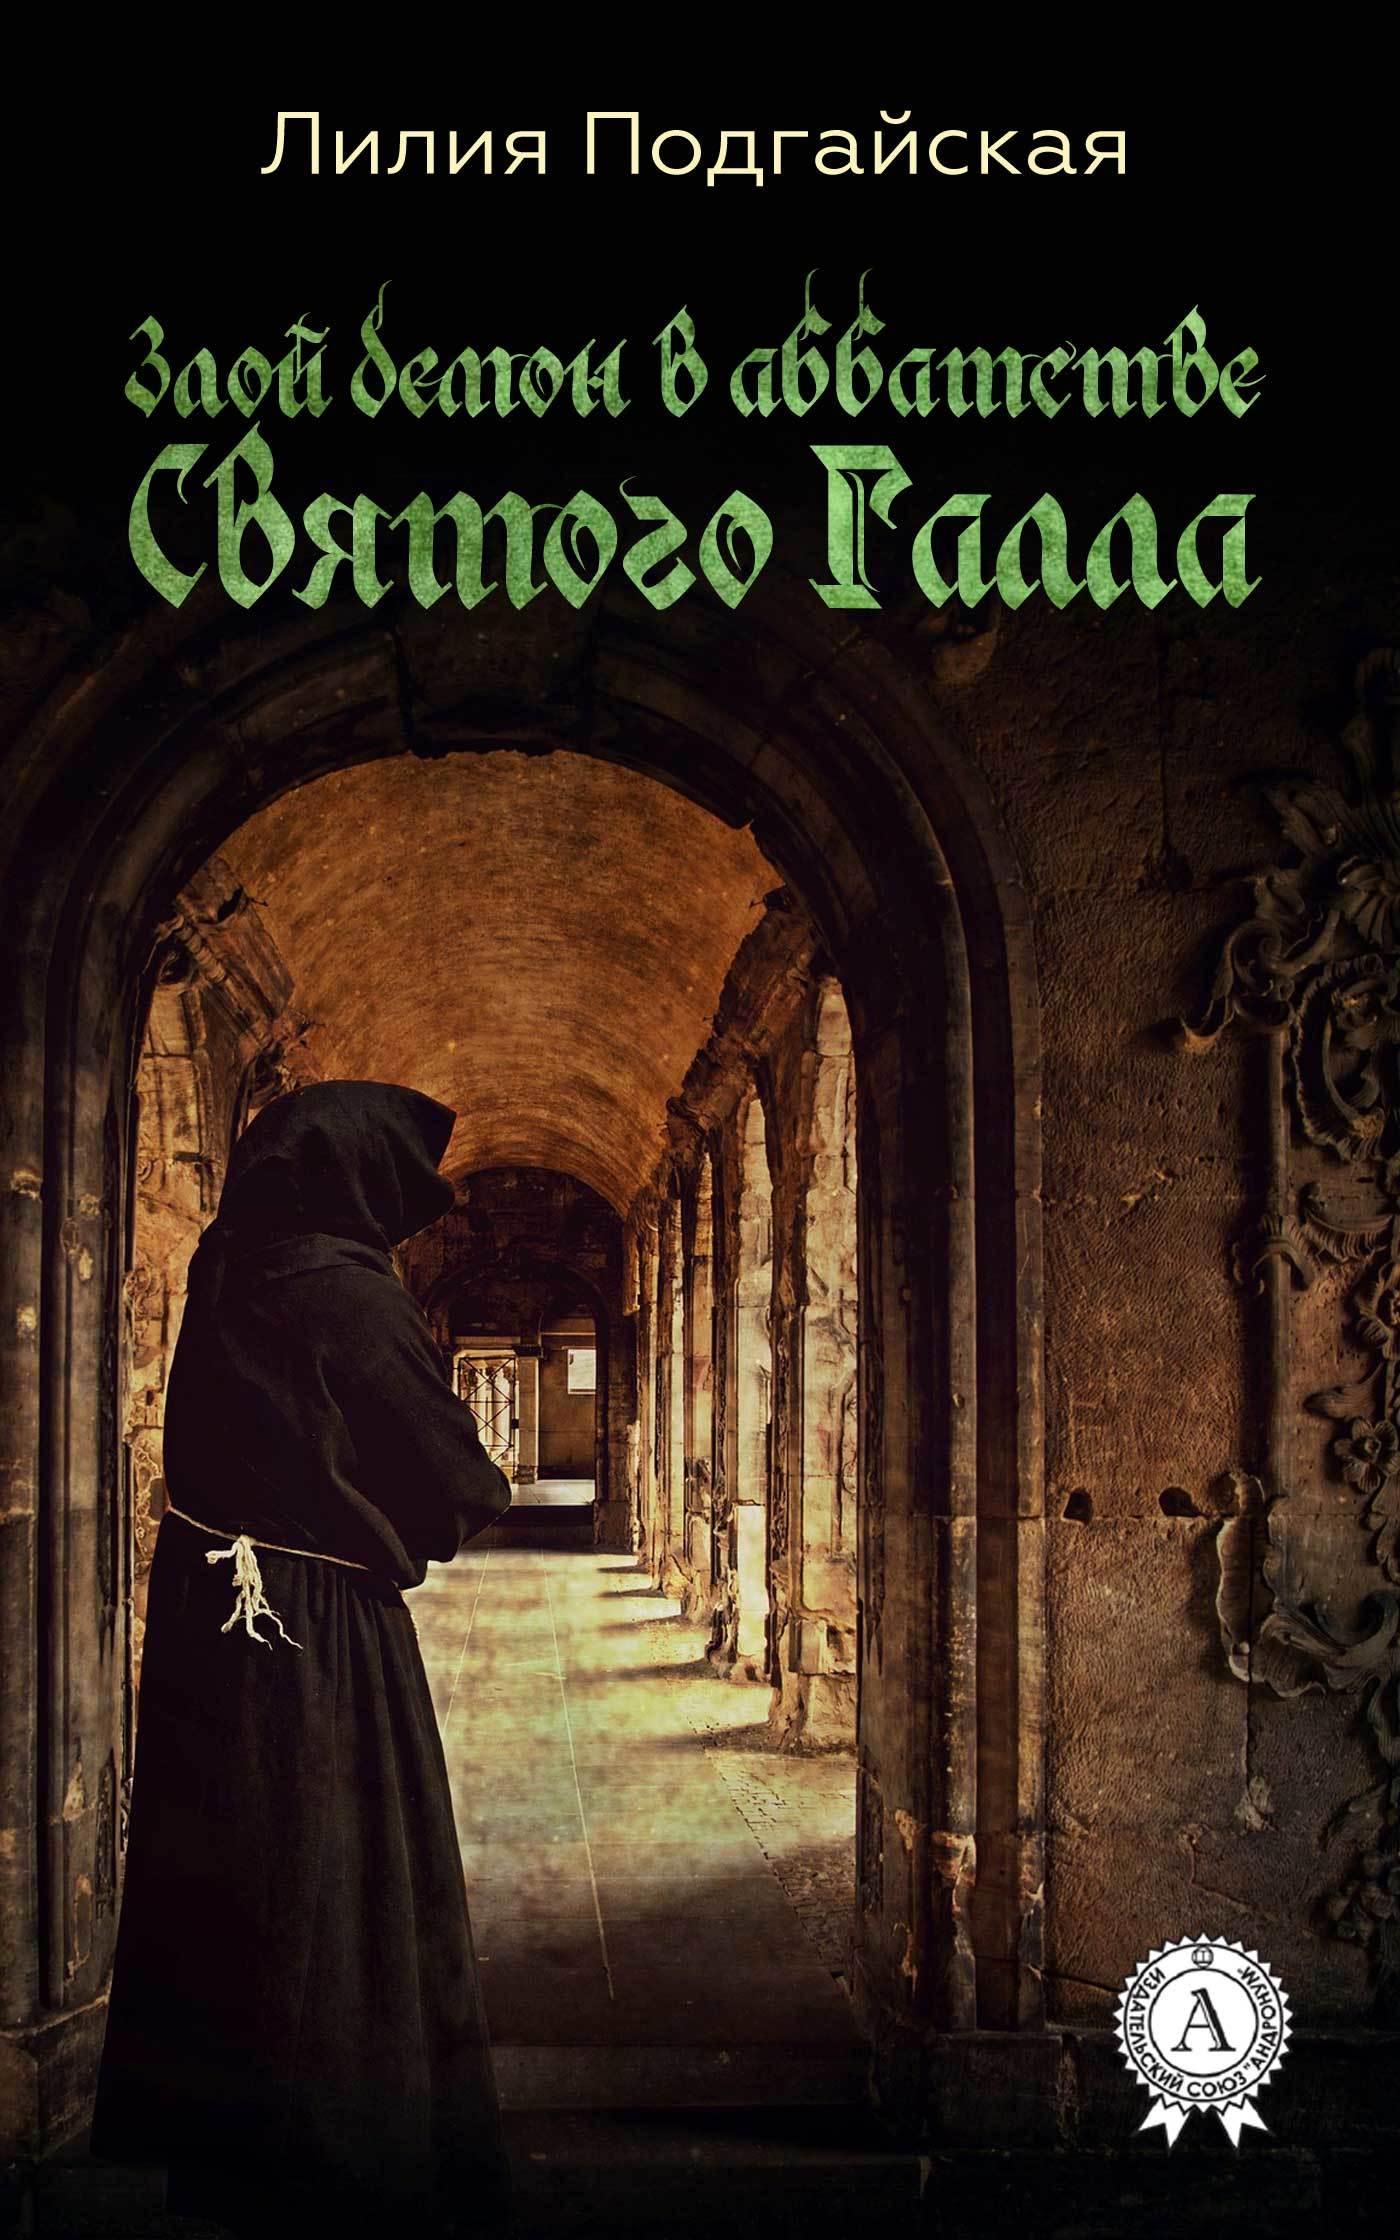 Лилия Подгайская Злой демон в аббатстве Святого Галла ребус галла